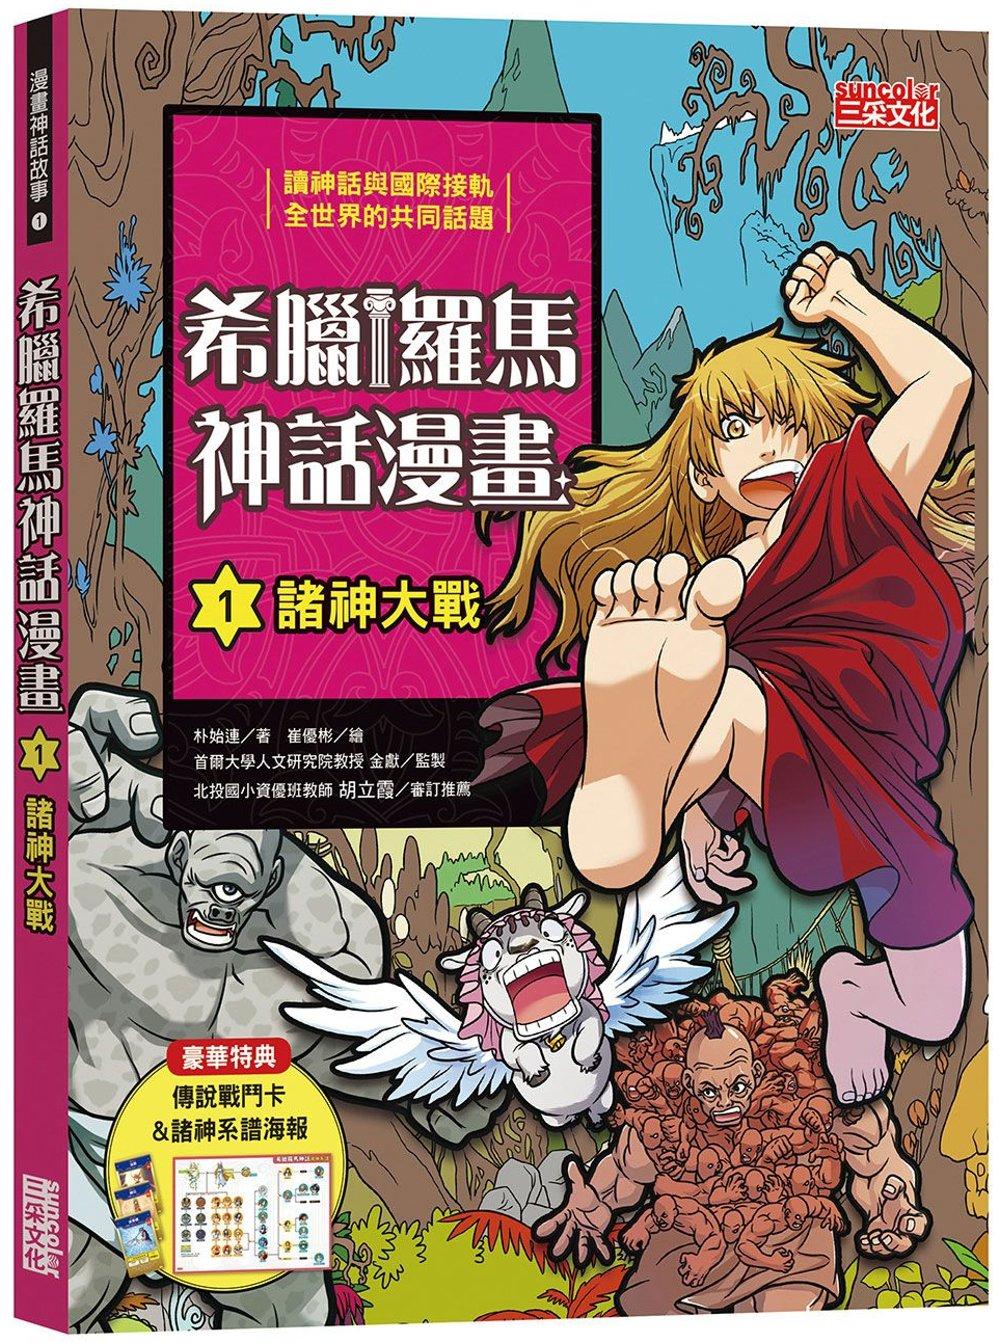 希臘羅馬神話漫畫1:諸神大戰